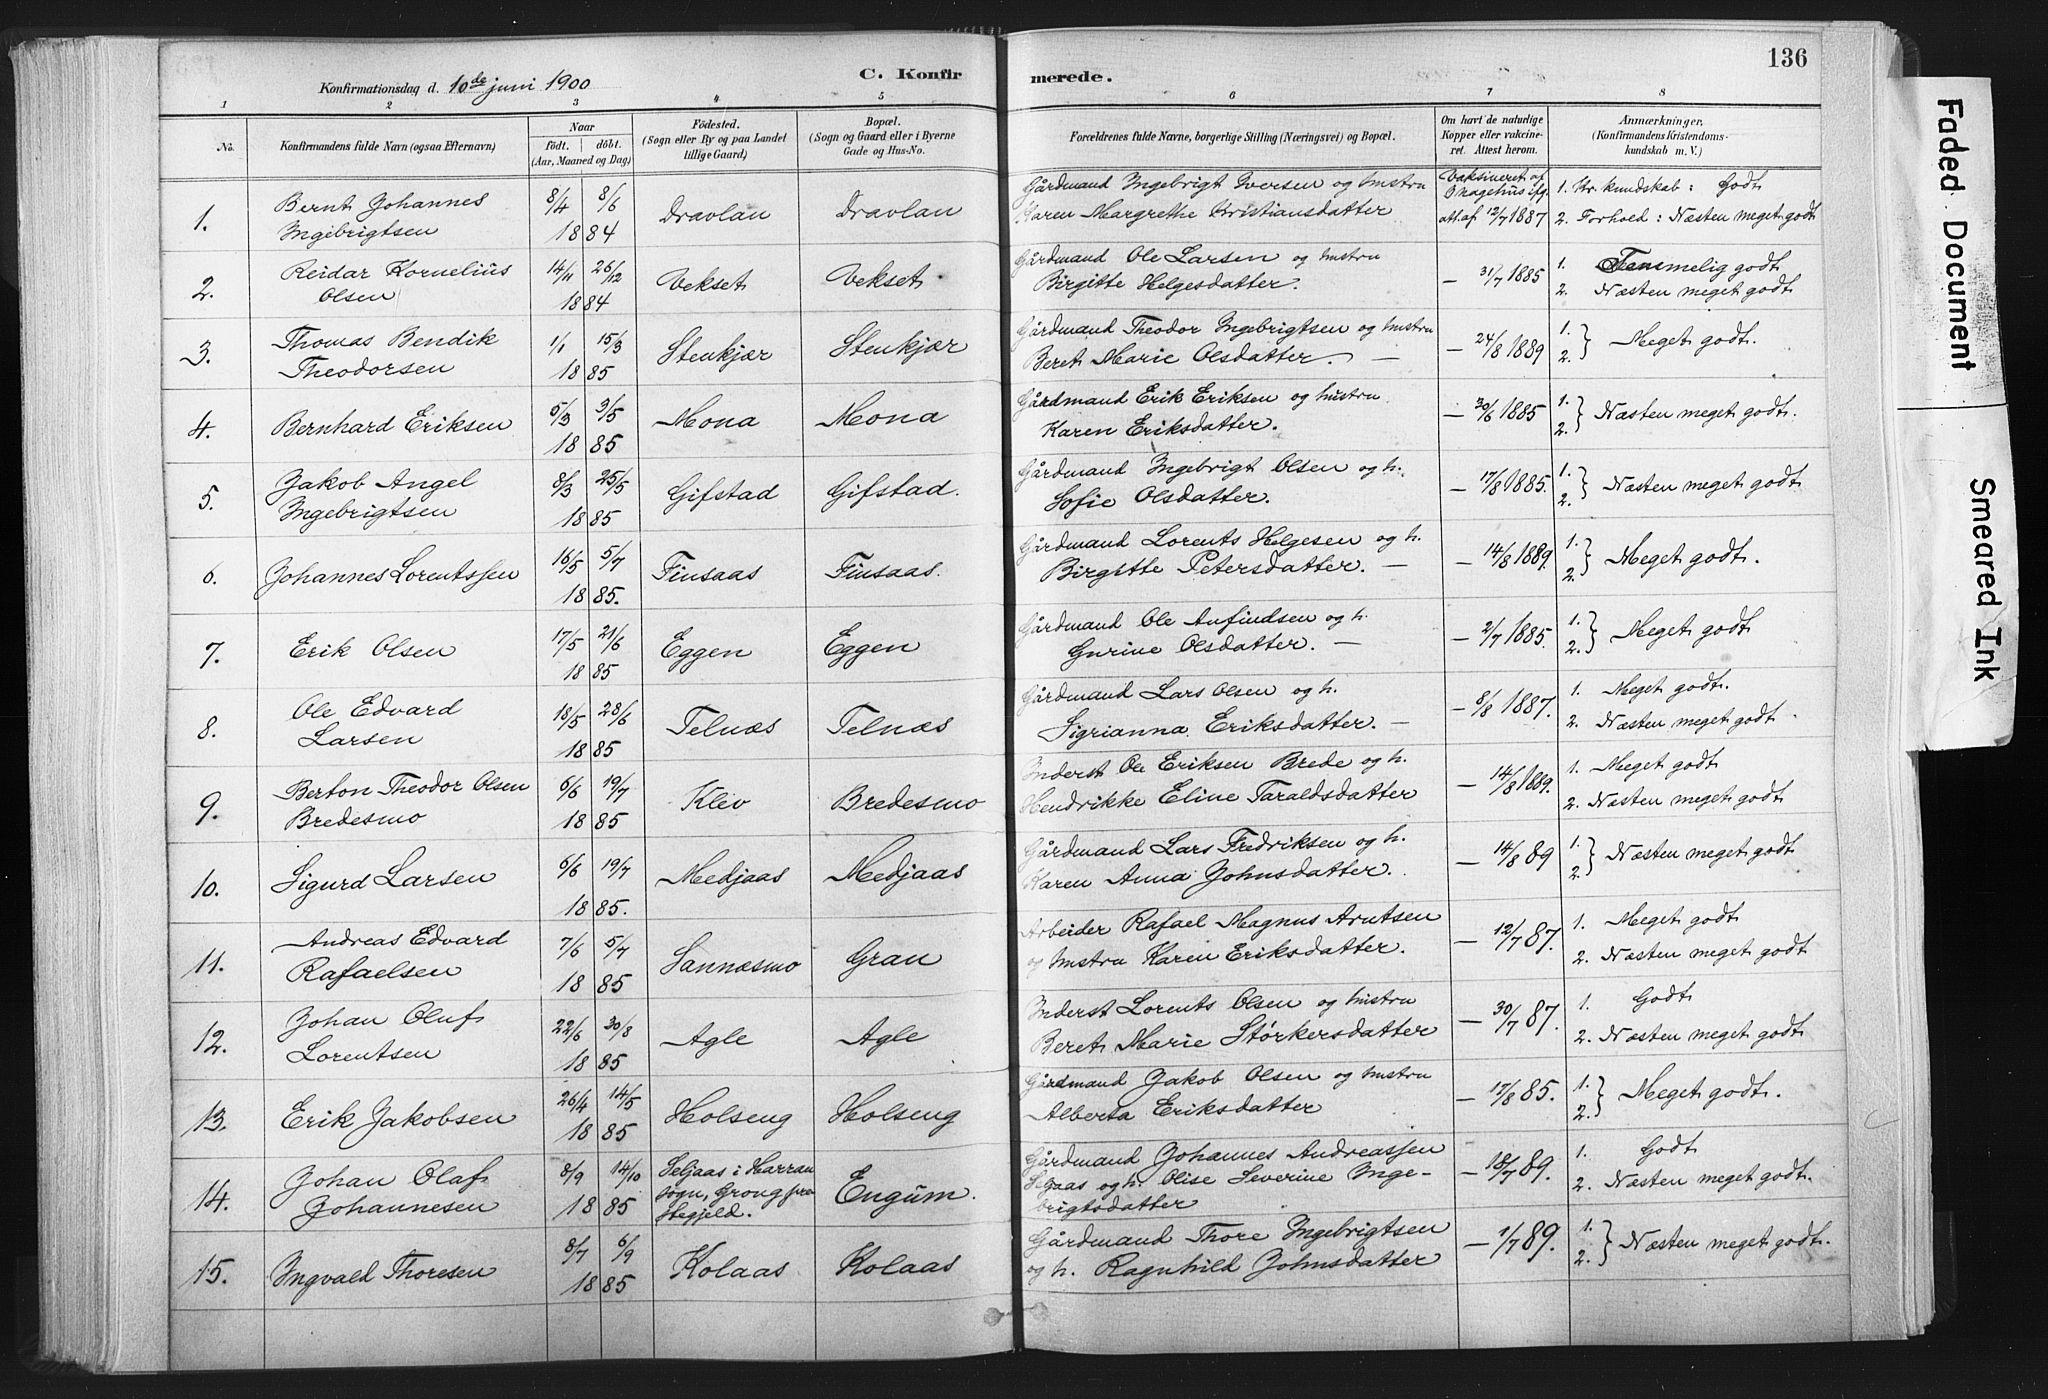 SAT, Ministerialprotokoller, klokkerbøker og fødselsregistre - Nord-Trøndelag, 749/L0474: Ministerialbok nr. 749A08, 1887-1903, s. 136